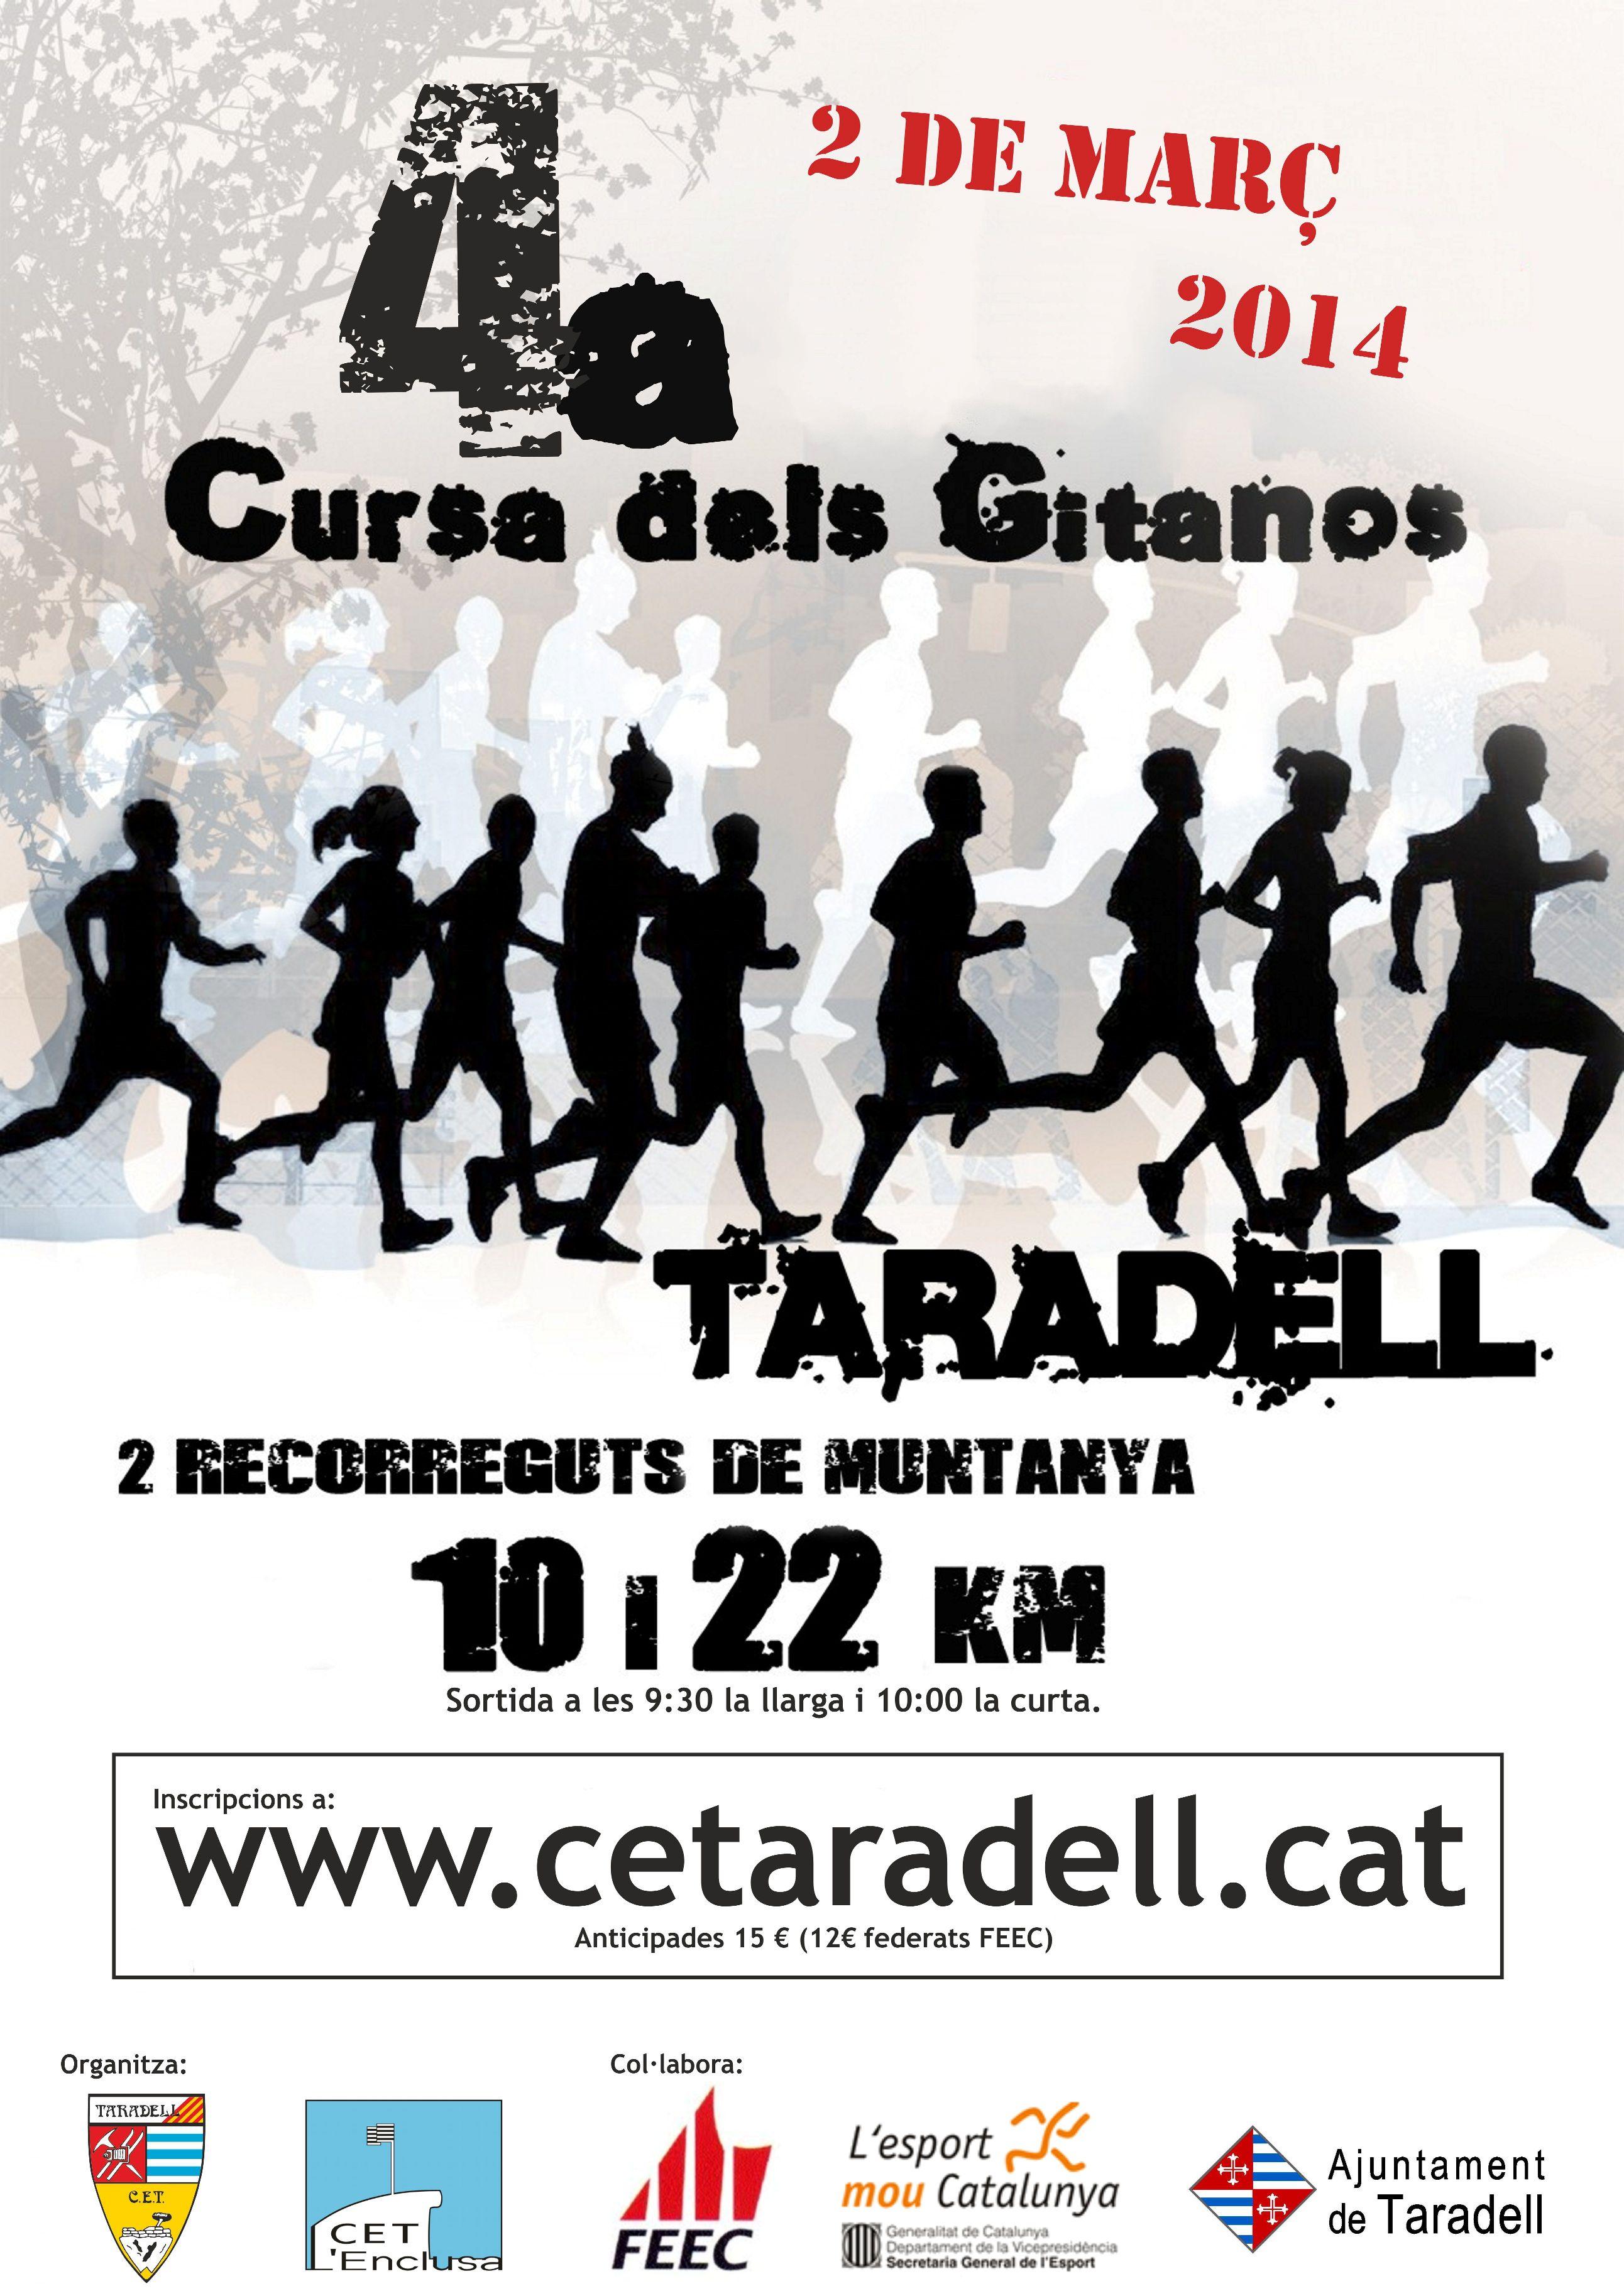 2014-4a-cursa-gitanos